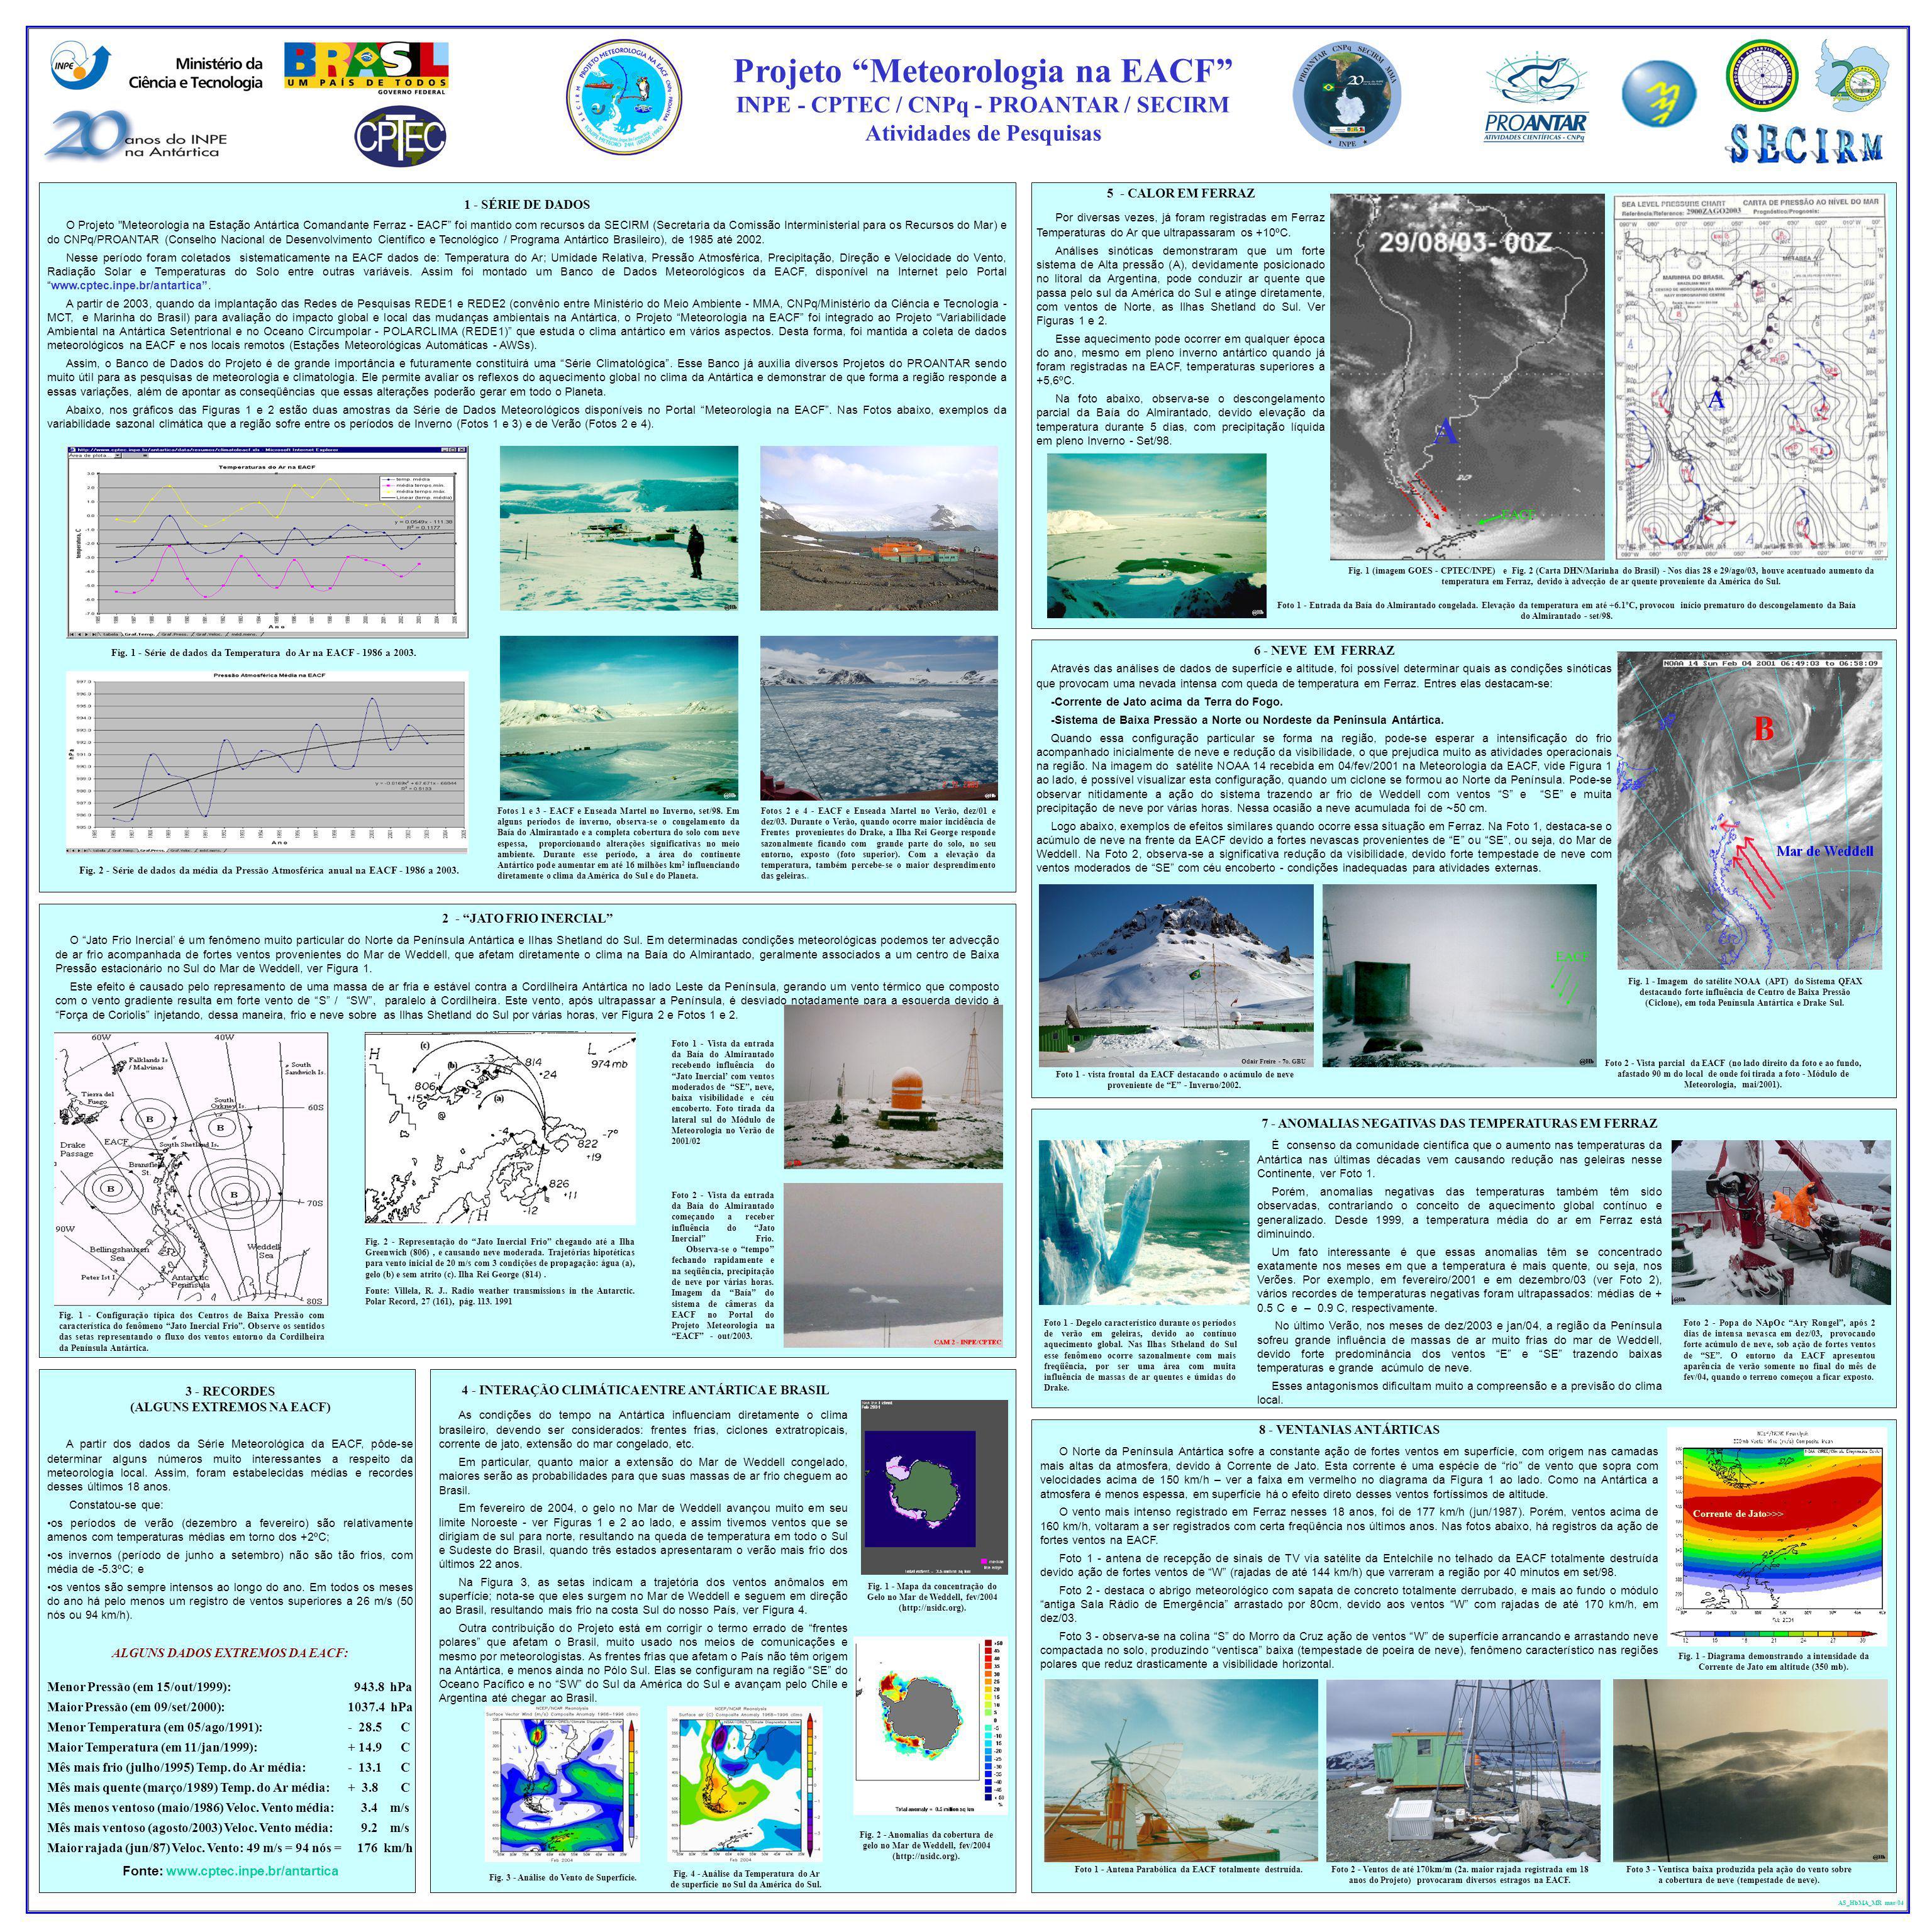 1 - SÉRIE DE DADOS O Projeto Meteorologia na Estação Antártica Comandante Ferraz - EACF foi mantido com recursos da SECIRM (Secretaria da Comissão Interministerial para os Recursos do Mar) e do CNPq/PROANTAR (Conselho Nacional de Desenvolvimento Científico e Tecnológico / Programa Antártico Brasileiro), de 1985 até 2002.